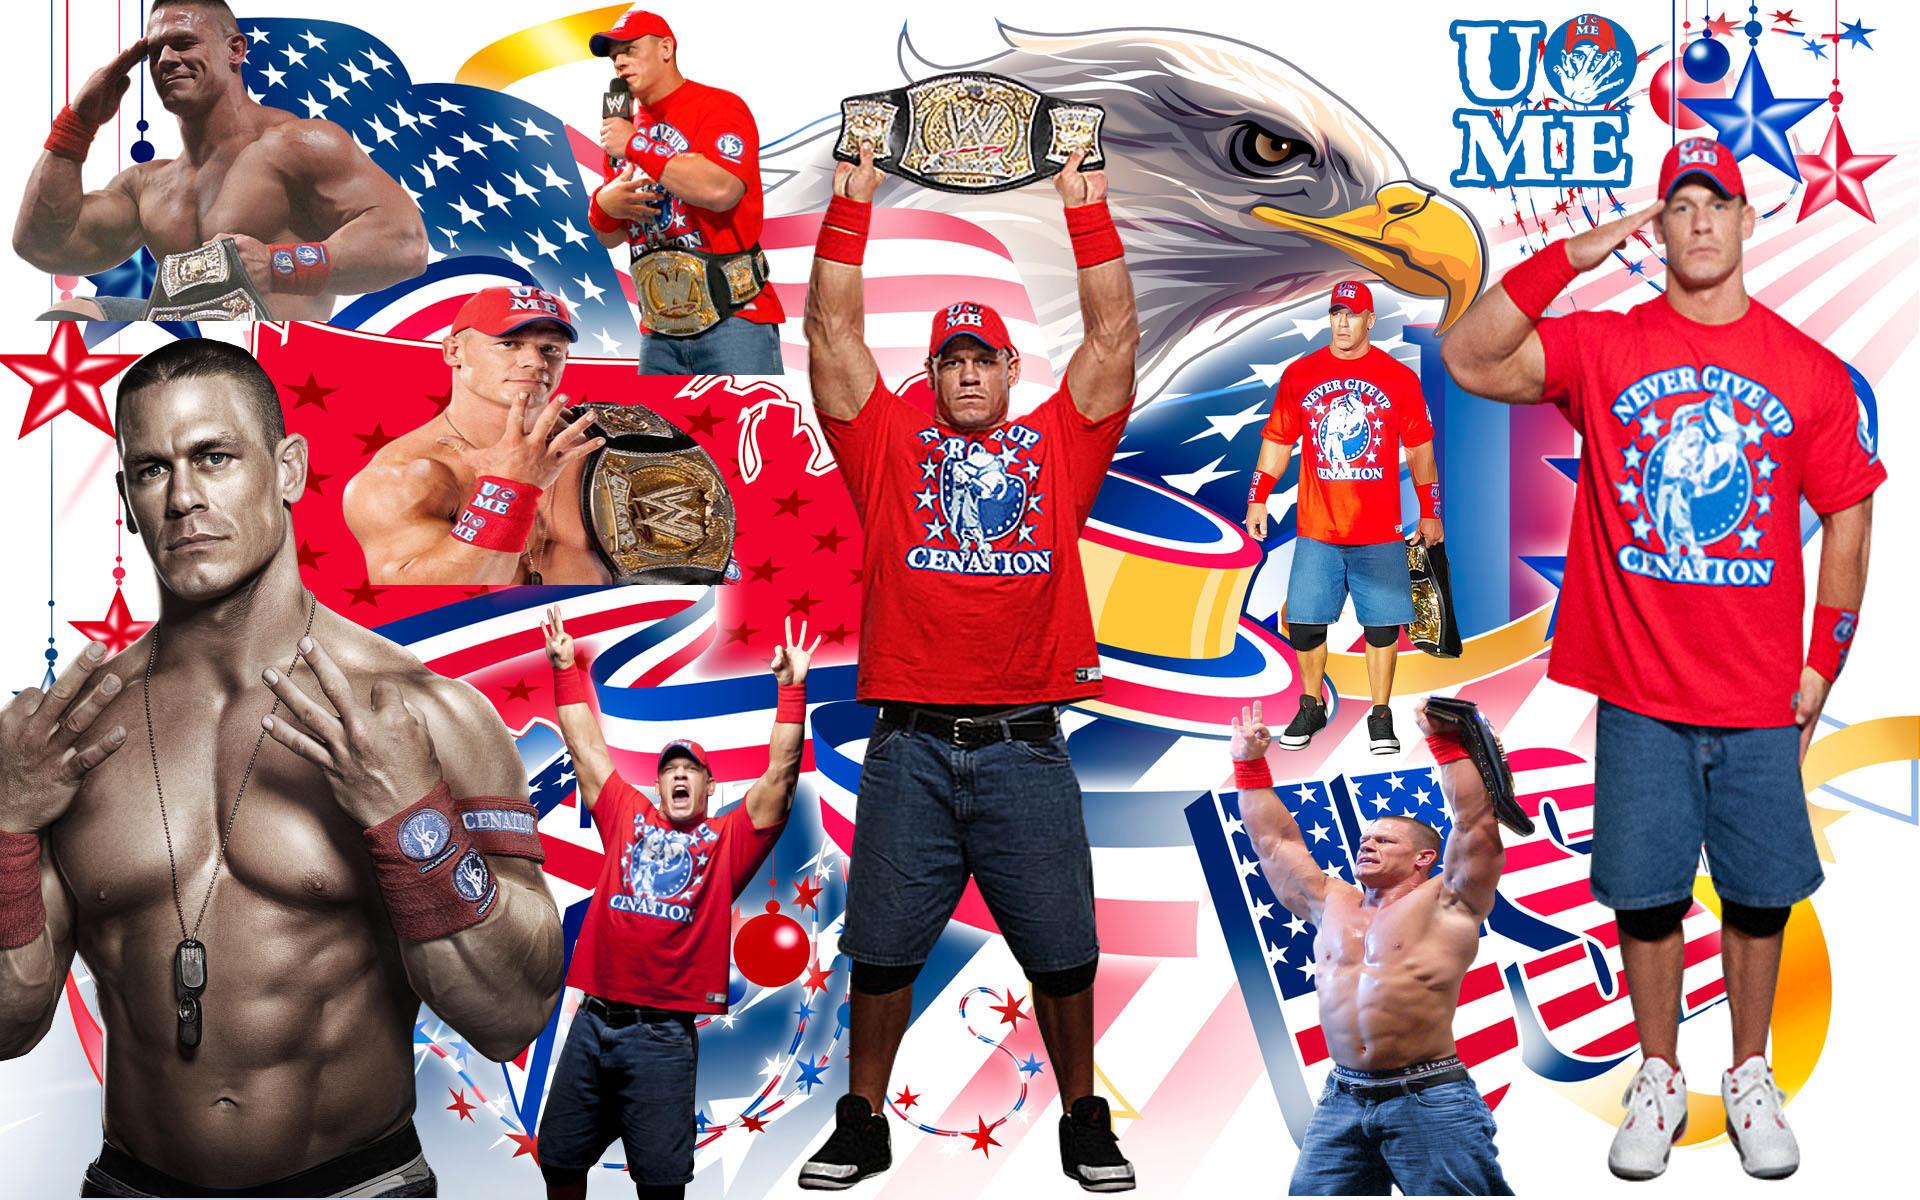 John Cena Wwe Champ 4 Capital Punishment John Cena Wallpaper